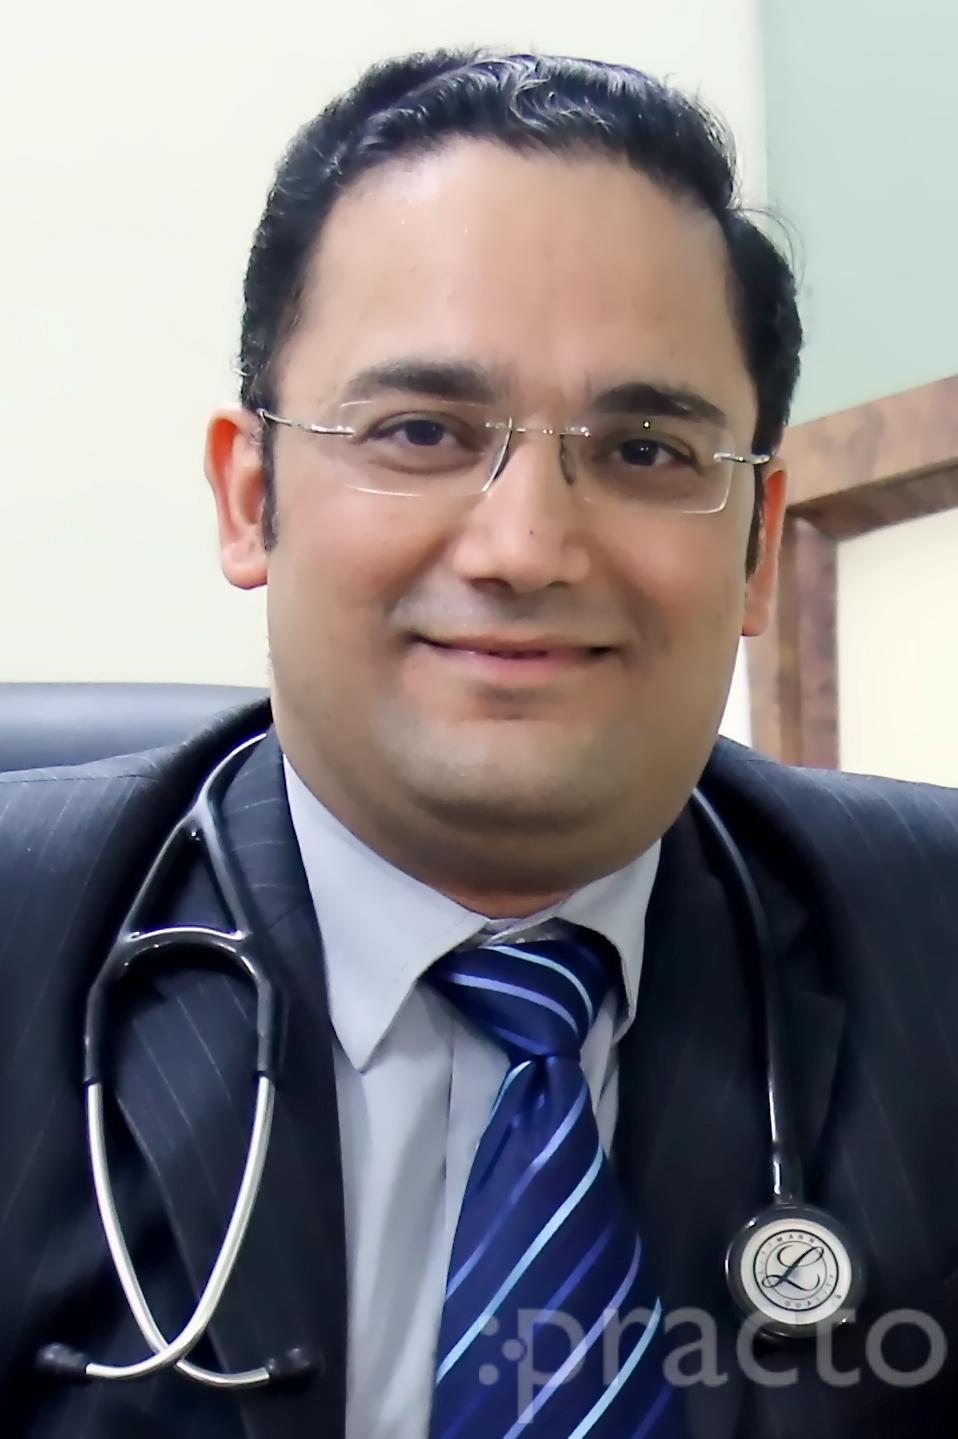 Dr. Saket Kant - Diabetologist